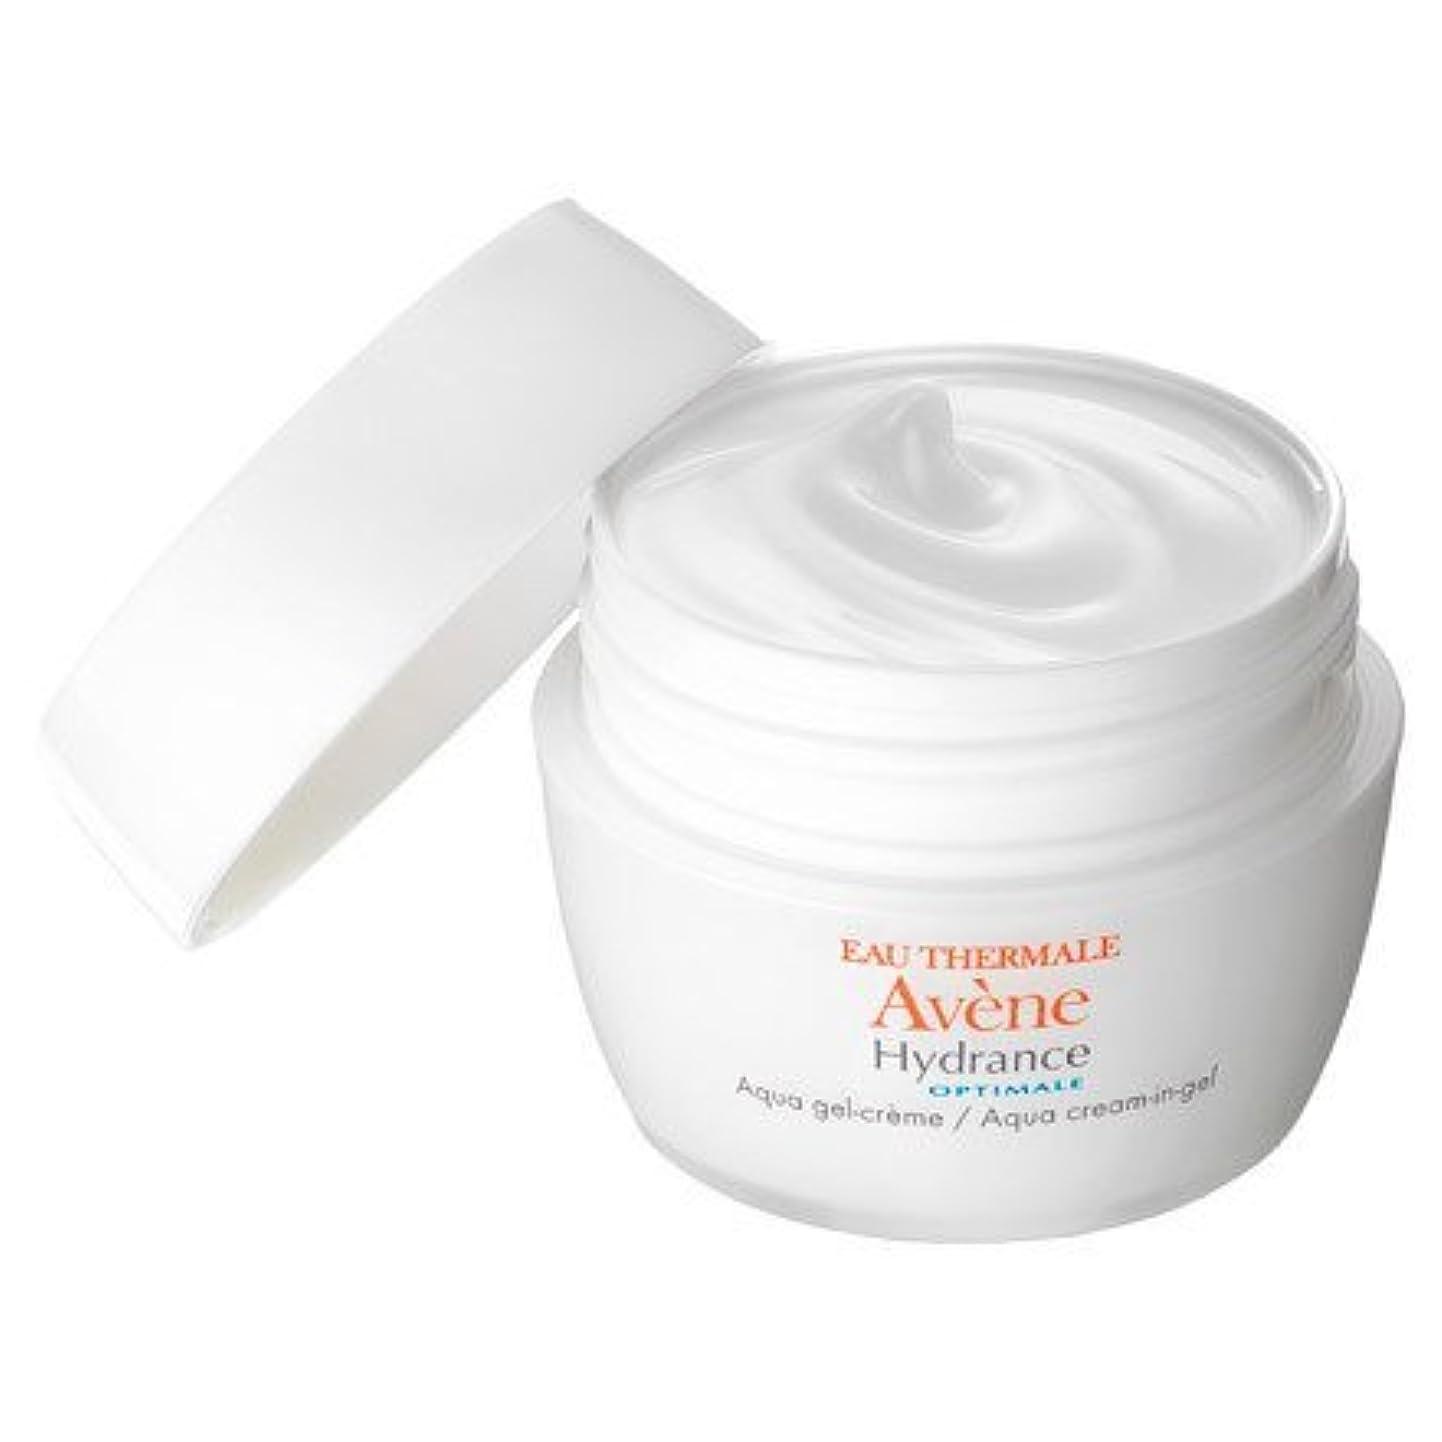 陸軍死すべき約束するAvene Aqua Cream in Gel アベンヌ ミルキージェル 保湿ジェルクリーム 50g [海外直送品] [並行輸入品]